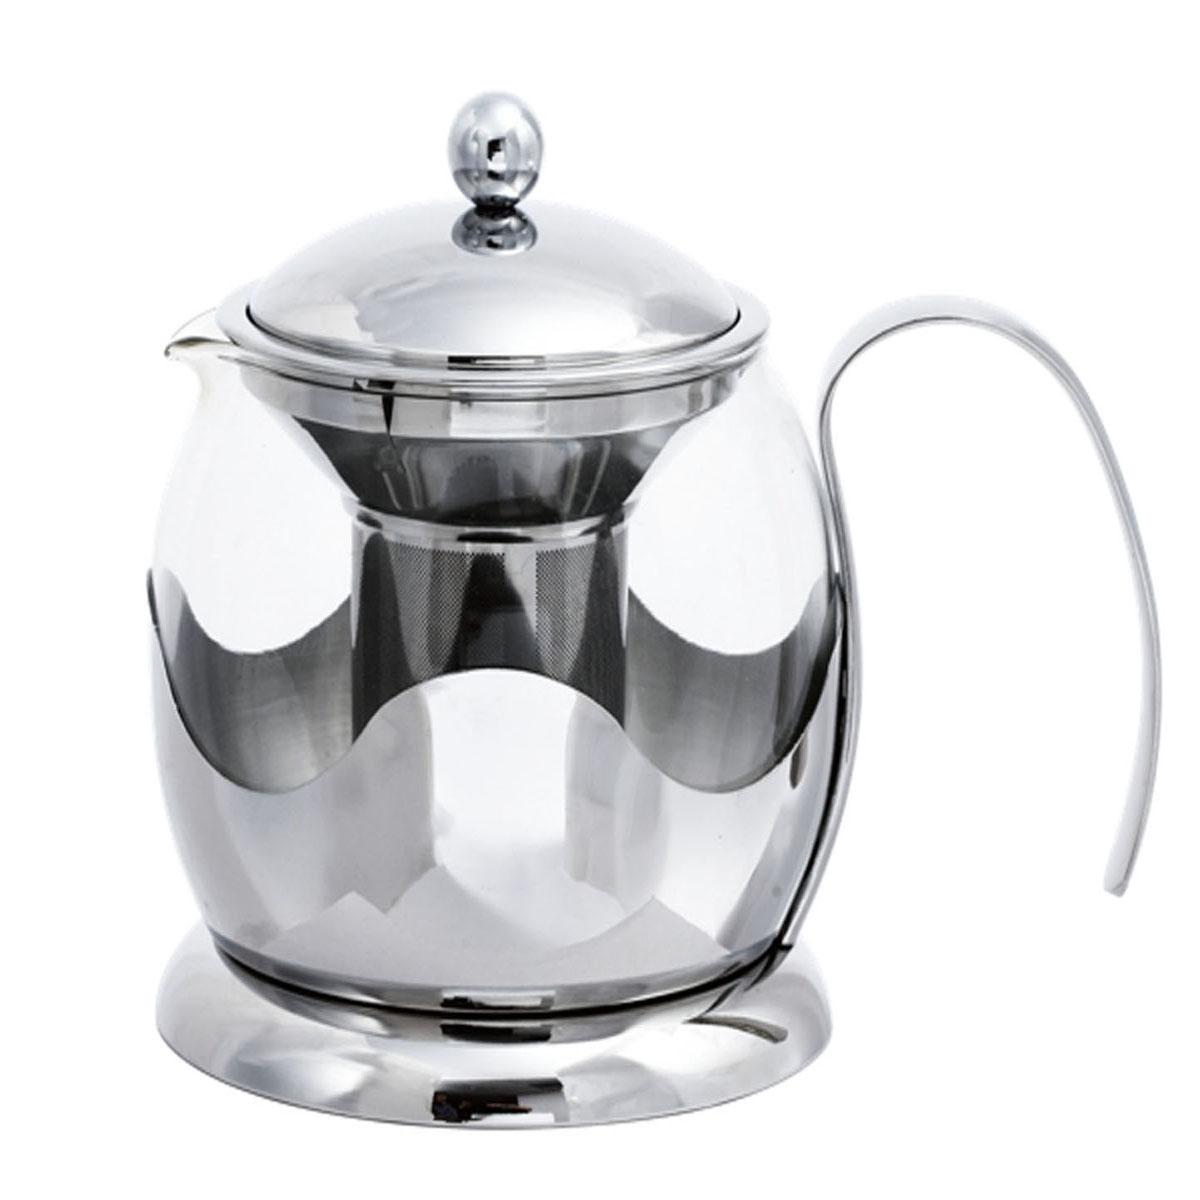 Bohmann чайник заварочный стеклян. BH-9670, 1л, (x12)9670BHСтеклянный заварочный чайник.Емкость 1,0л Фильтр и крышка из высококачественной хромоникелевой стали (18/10). Жаропрочное стекло. Можно мыть в посудомоечной машине. Даёт возможность заварить насыщенный ароматный чай. Лёгкий и быстрый способ насладиться ча